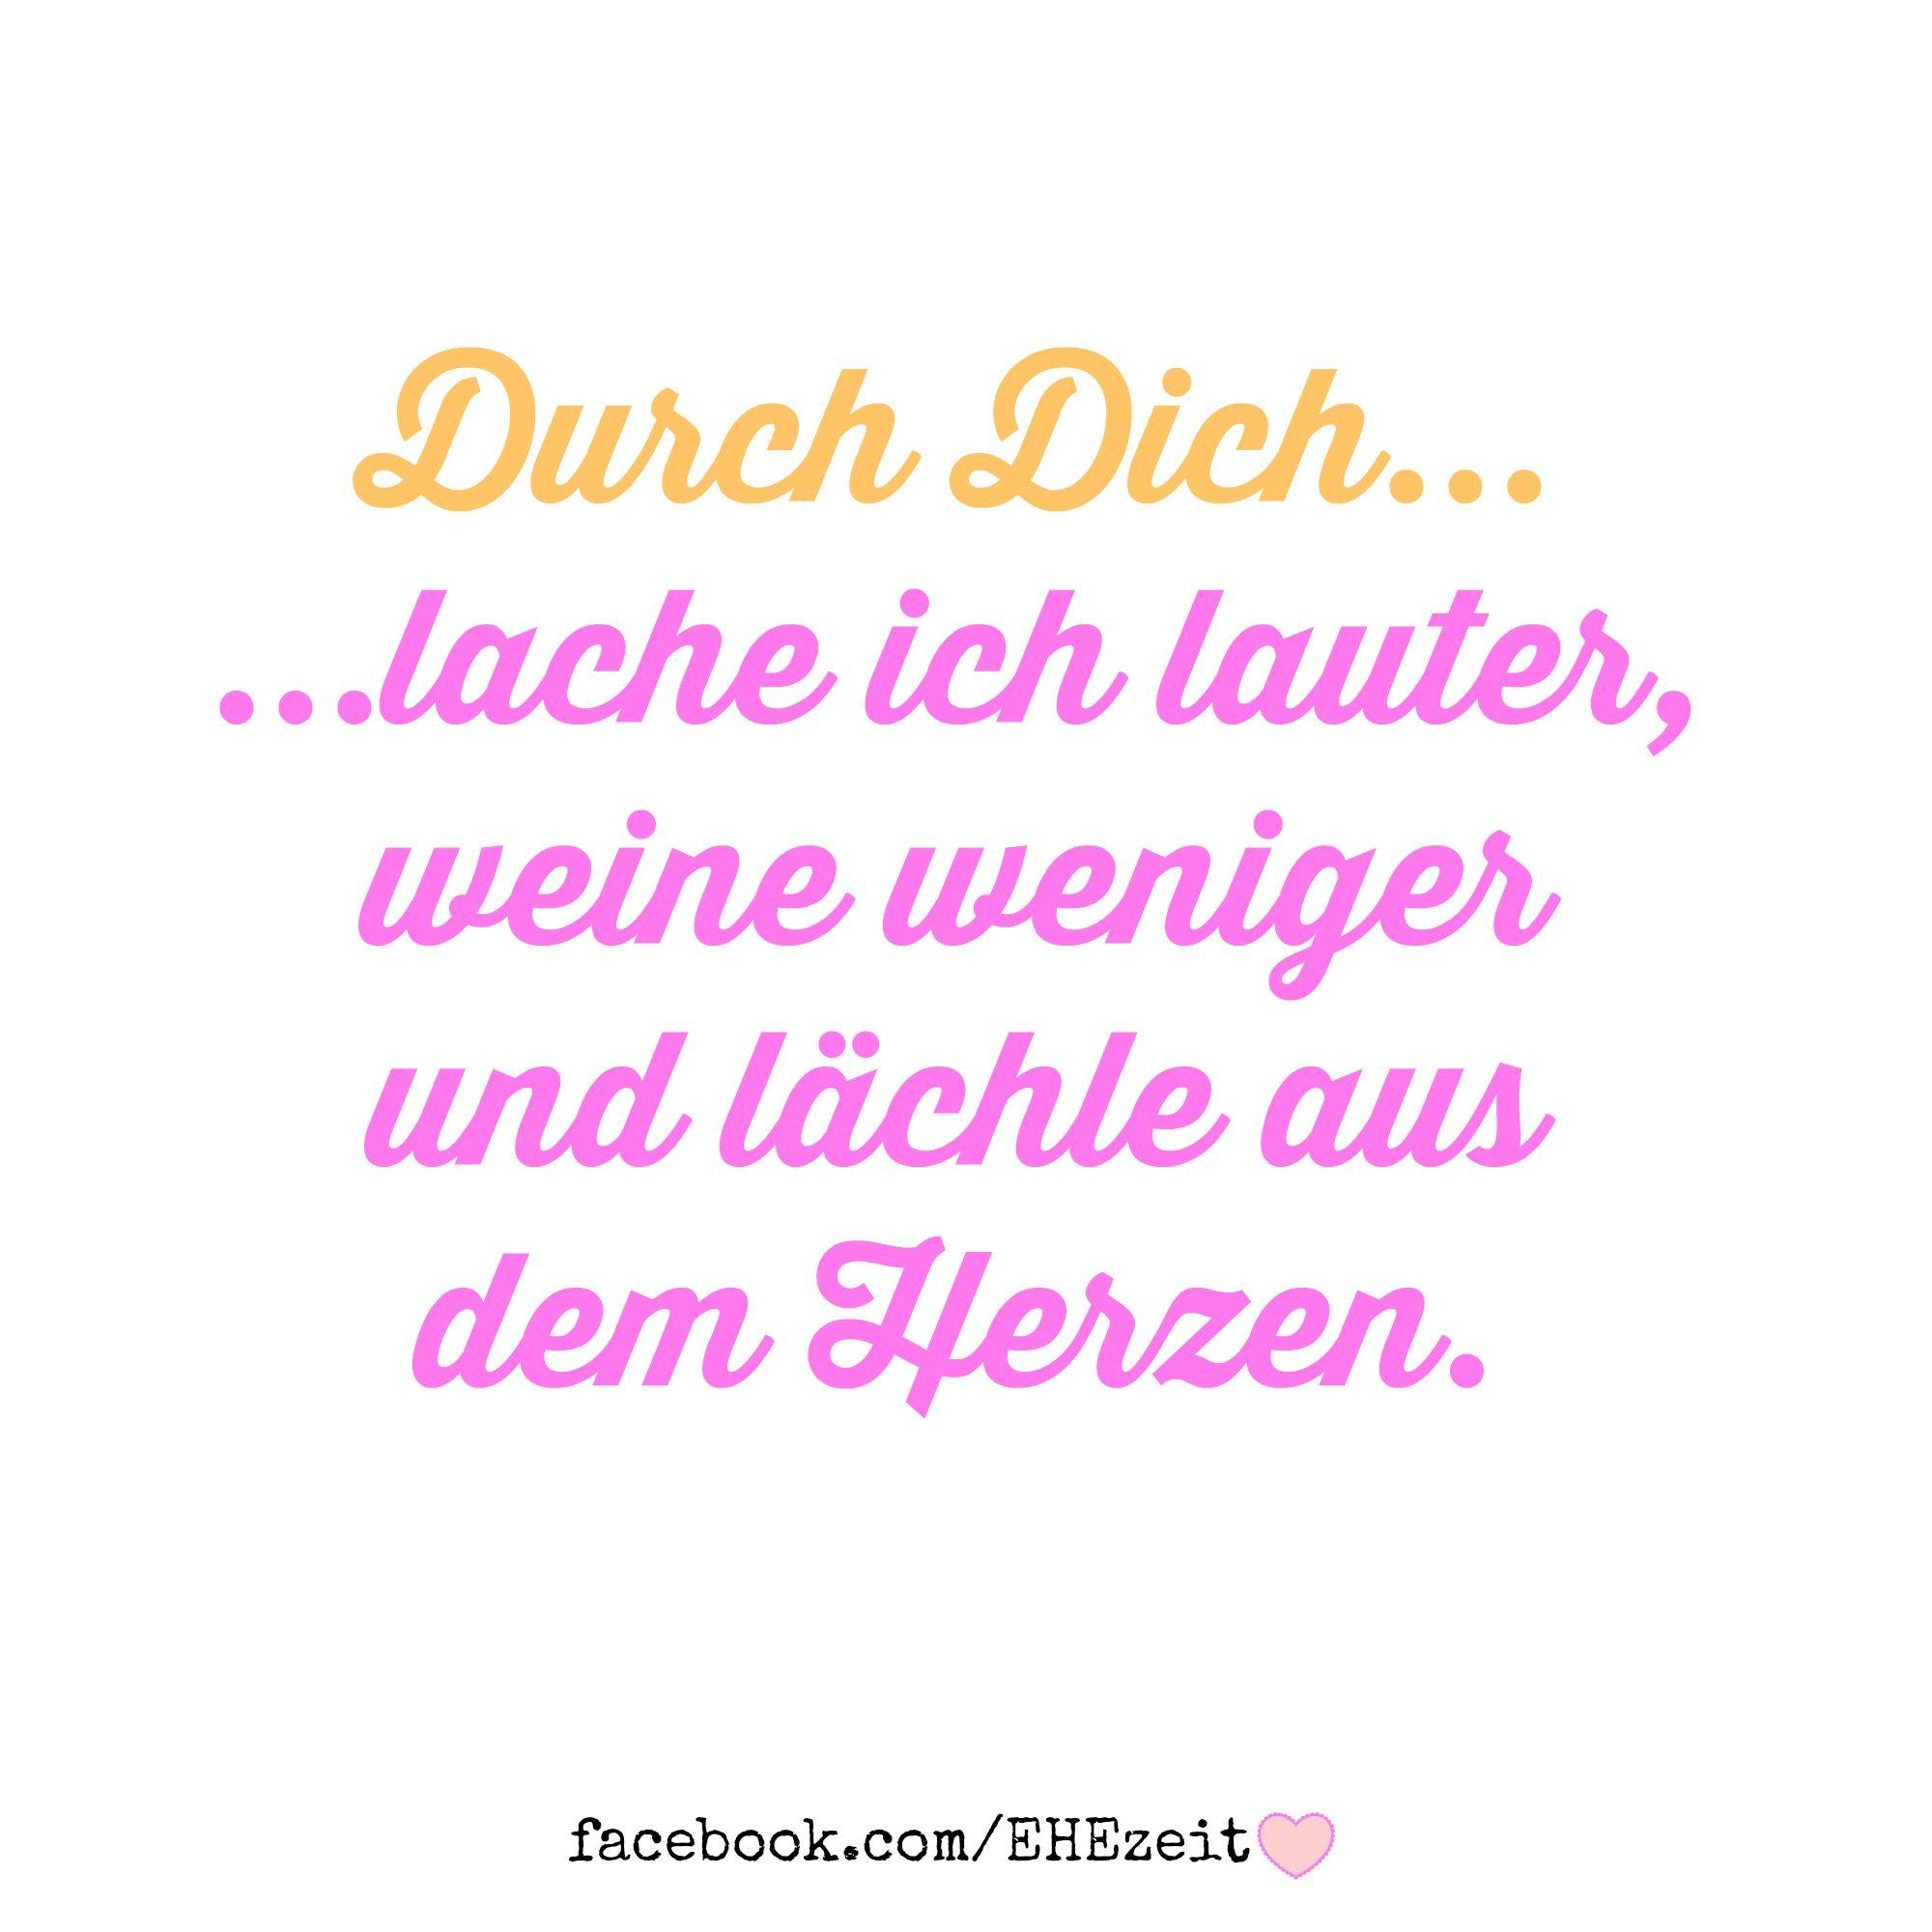 www.facebook.com/EHEzeit  Spruch, Liebe